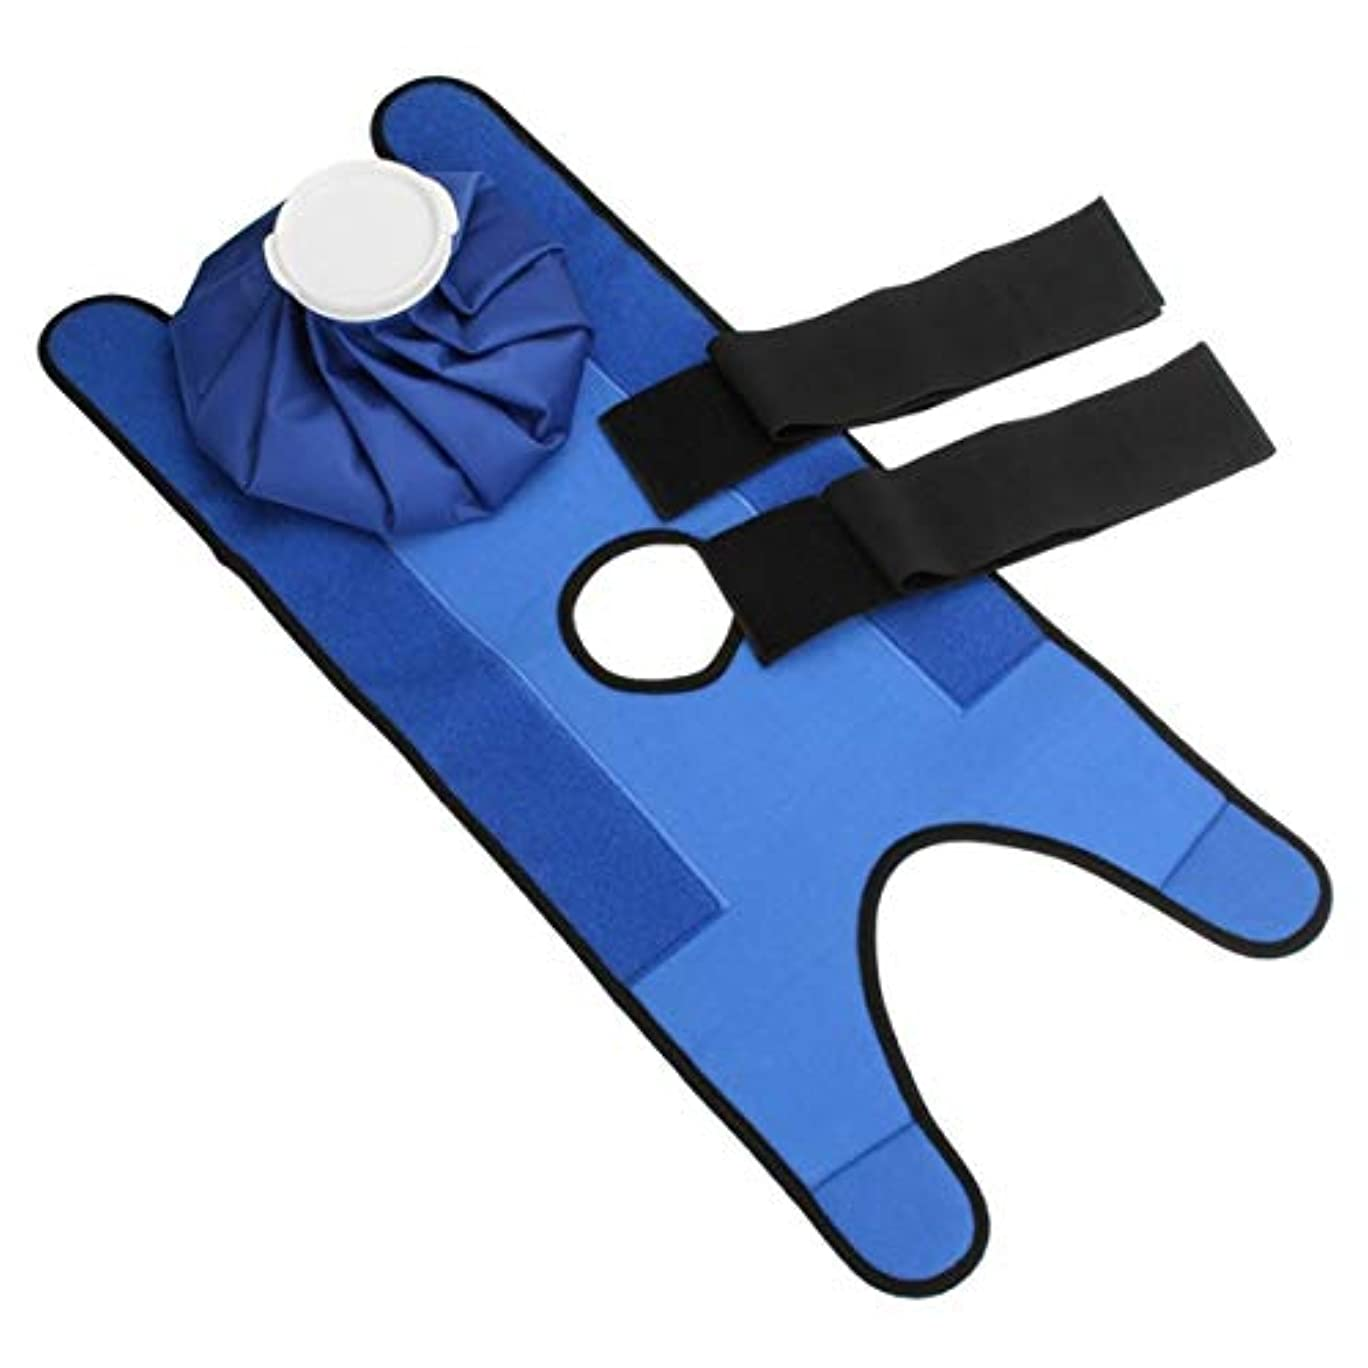 化学者側副詞Intercoreyコンパクトサイズ再利用可能ヘルスケア膝頭脚筋肉スポーツ傷害救済痛みアイスバッグ無毒アイスパック包帯付き